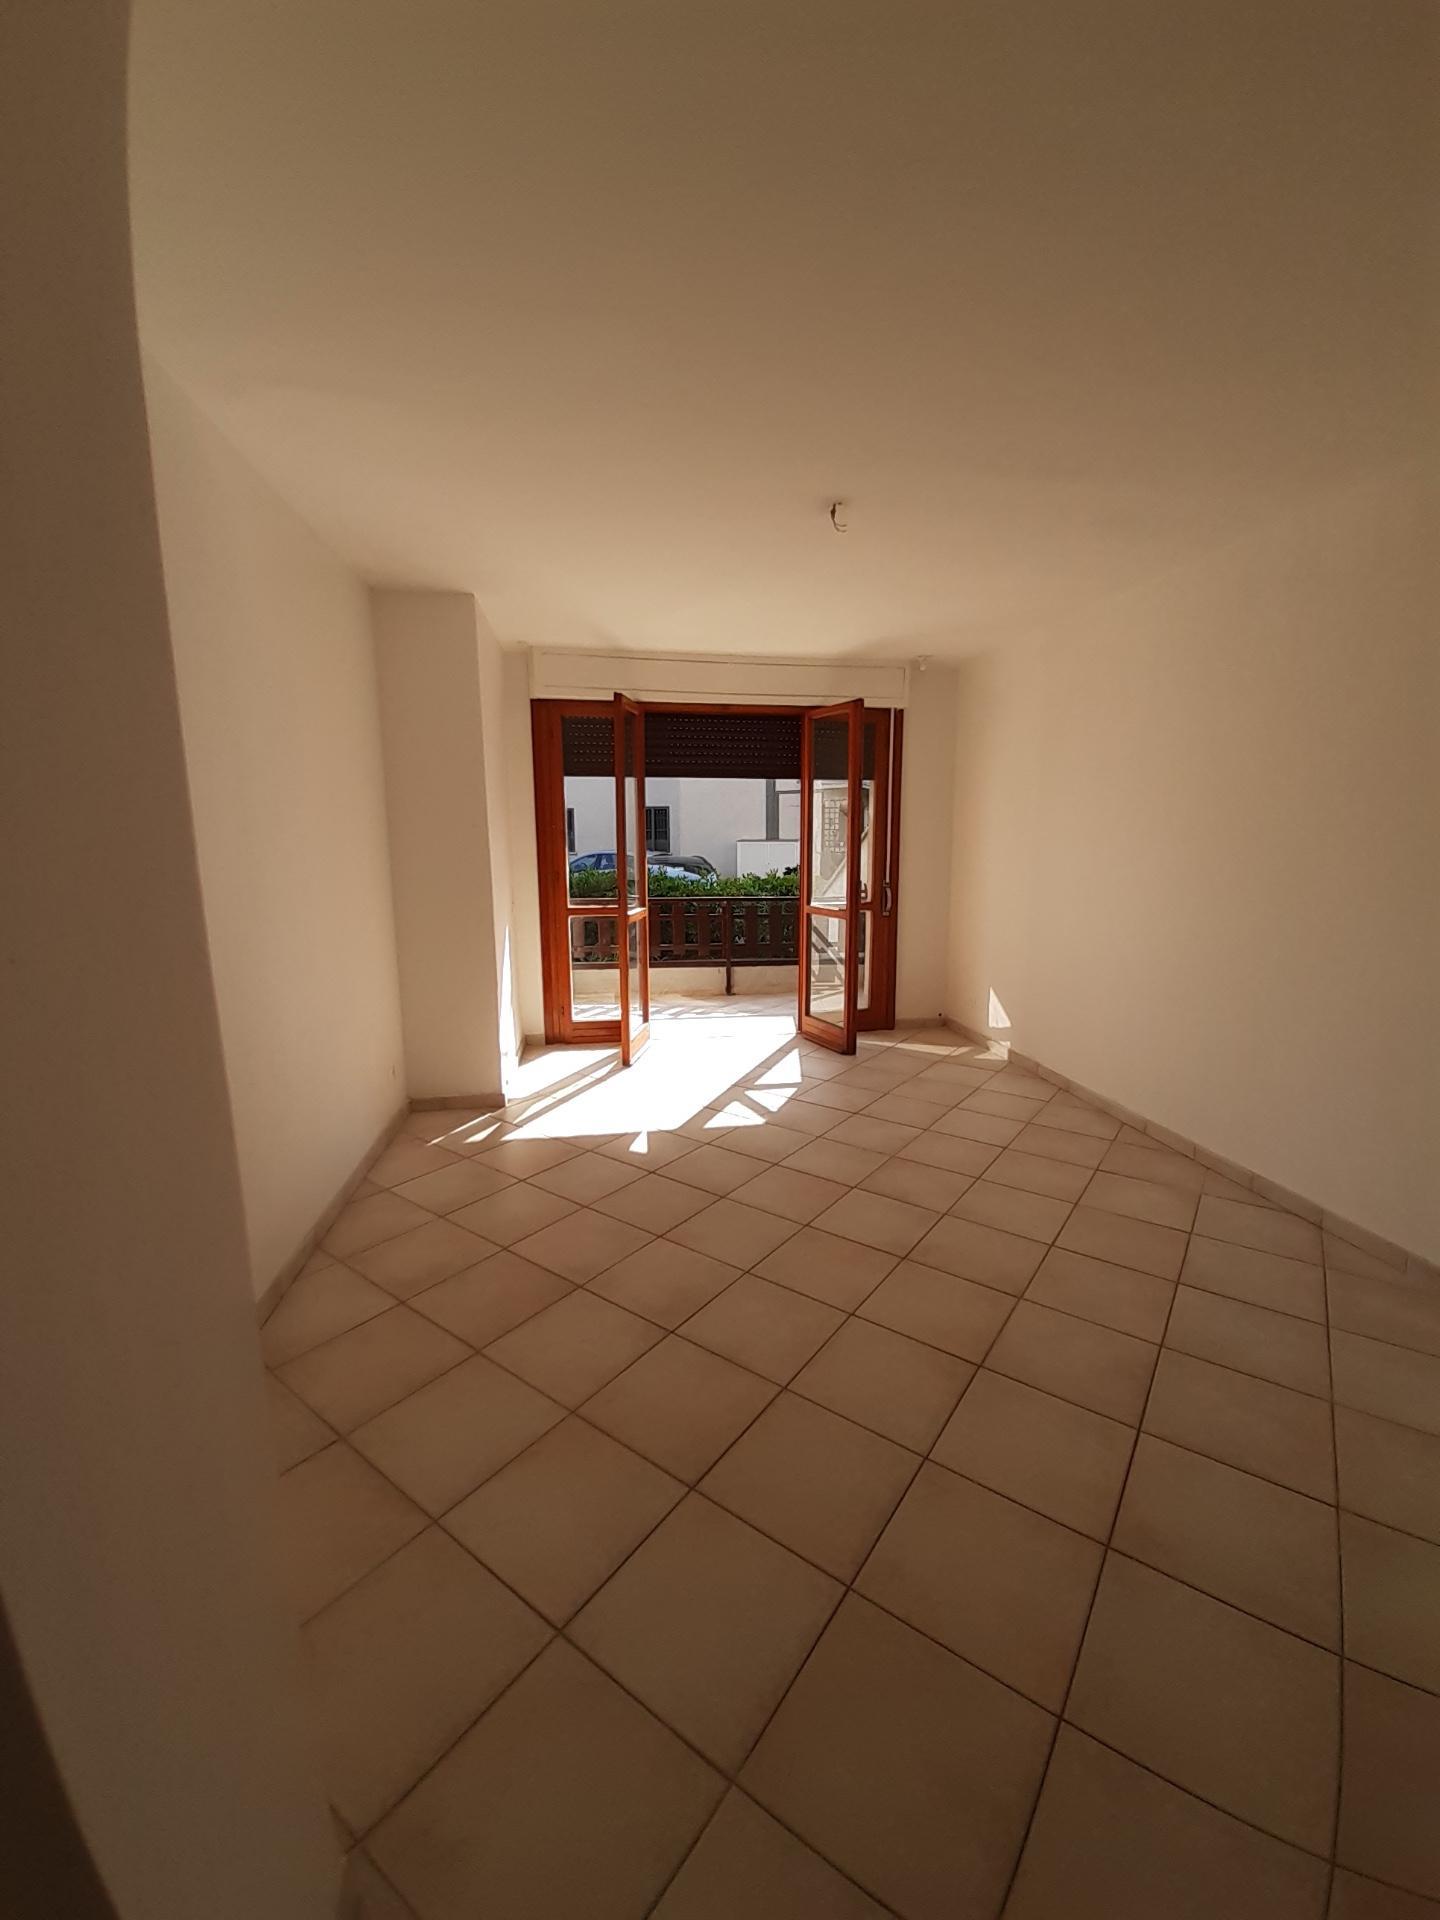 Appartamento in vendita, rif. 39/306